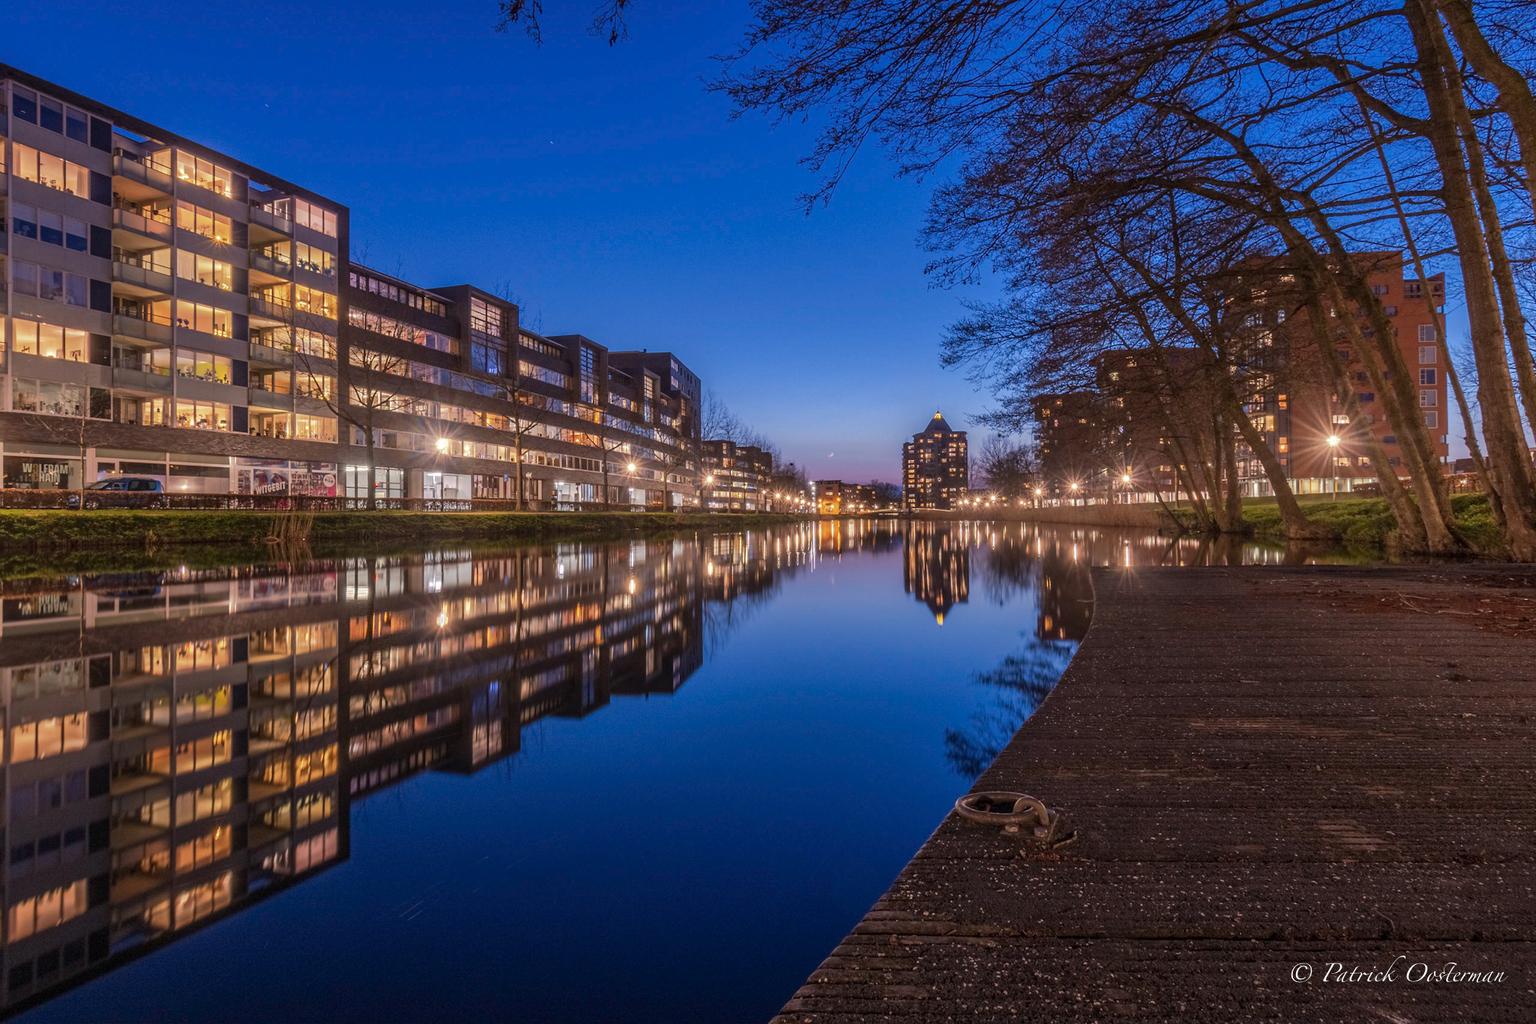 'T Apeldoornskanaal  - Het apeldoorns kanaal tijdens windstil blauw uurtje  - foto door Patrickoosterman op 14-04-2021 - locatie: Apeldoorn, Nederland - deze foto bevat: water, gebouw, lucht, fabriek, natuur, boom, schemer, zonlicht, stadsgezicht, waterloop